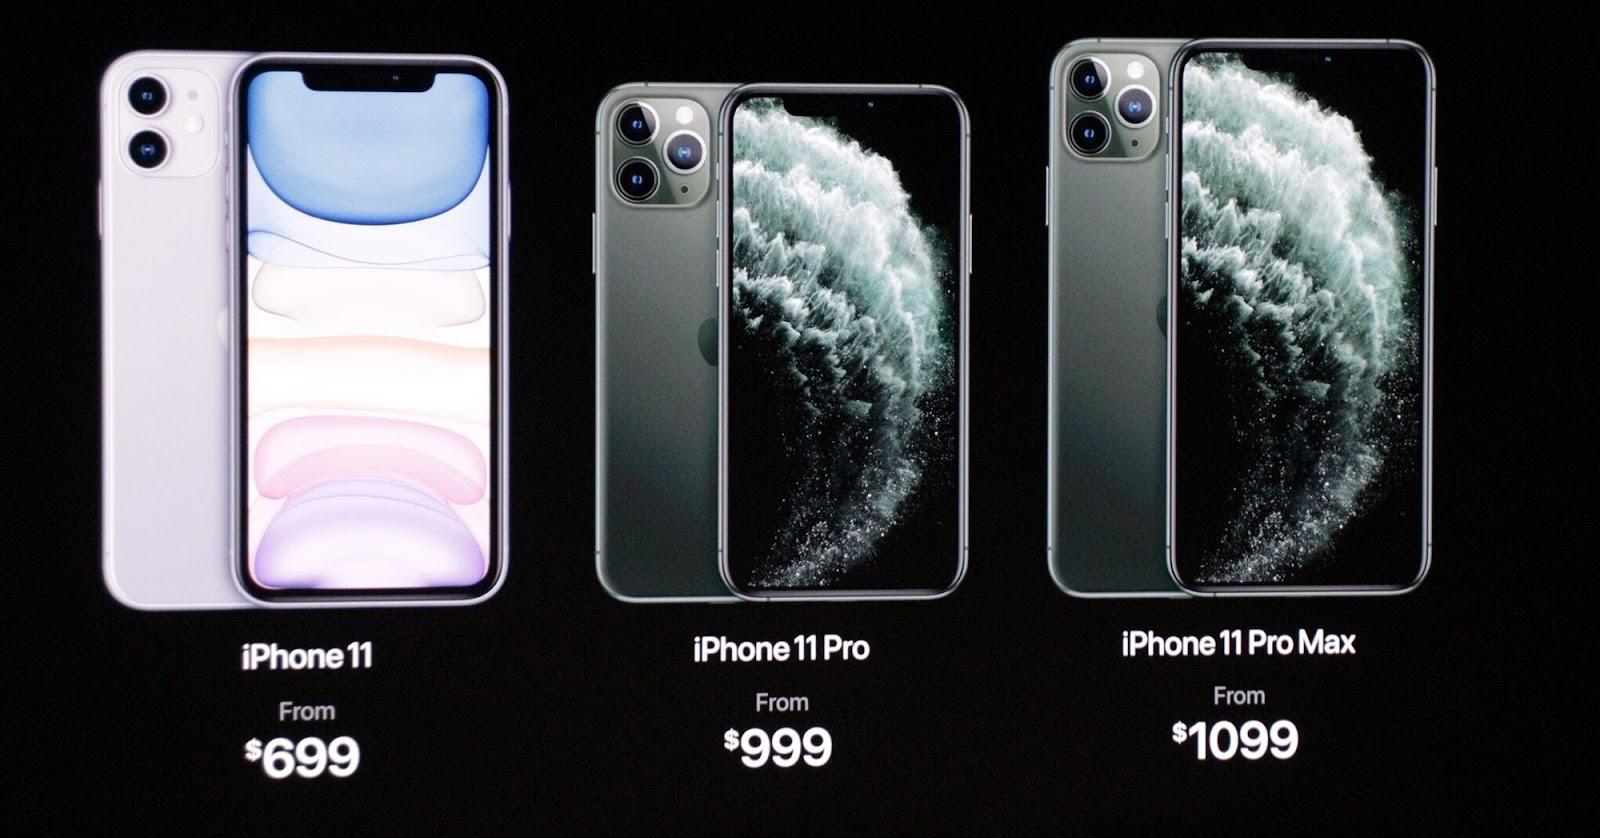 Sforum - Trang thông tin công nghệ mới nhất iPhone-11-Pro-va-iPhone-11-Pro-Max-ra-mat-face Bộ ba iPhone 11 ra mắt: Tên gọi/màu sắc mới, camera vuông, kèm sạc nhanh, giá từ 699 USD